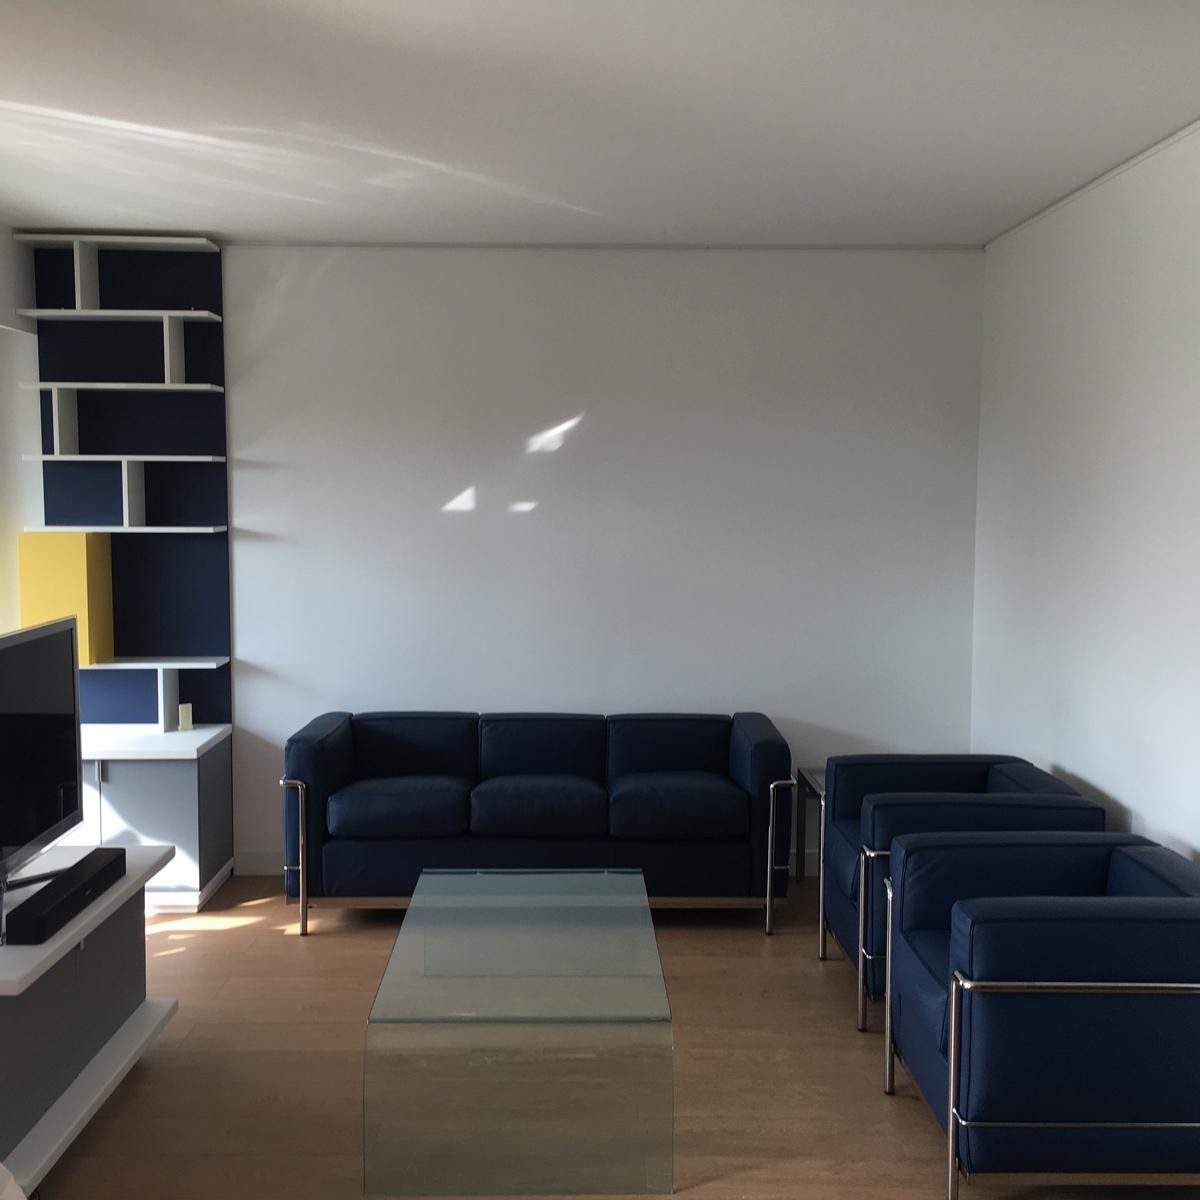 1 ARCHITECTURE INTERIEUR & CONSEIL 1 MOBILIER SUR-MESURE particulier Créteil AGENCE MAJOTIK